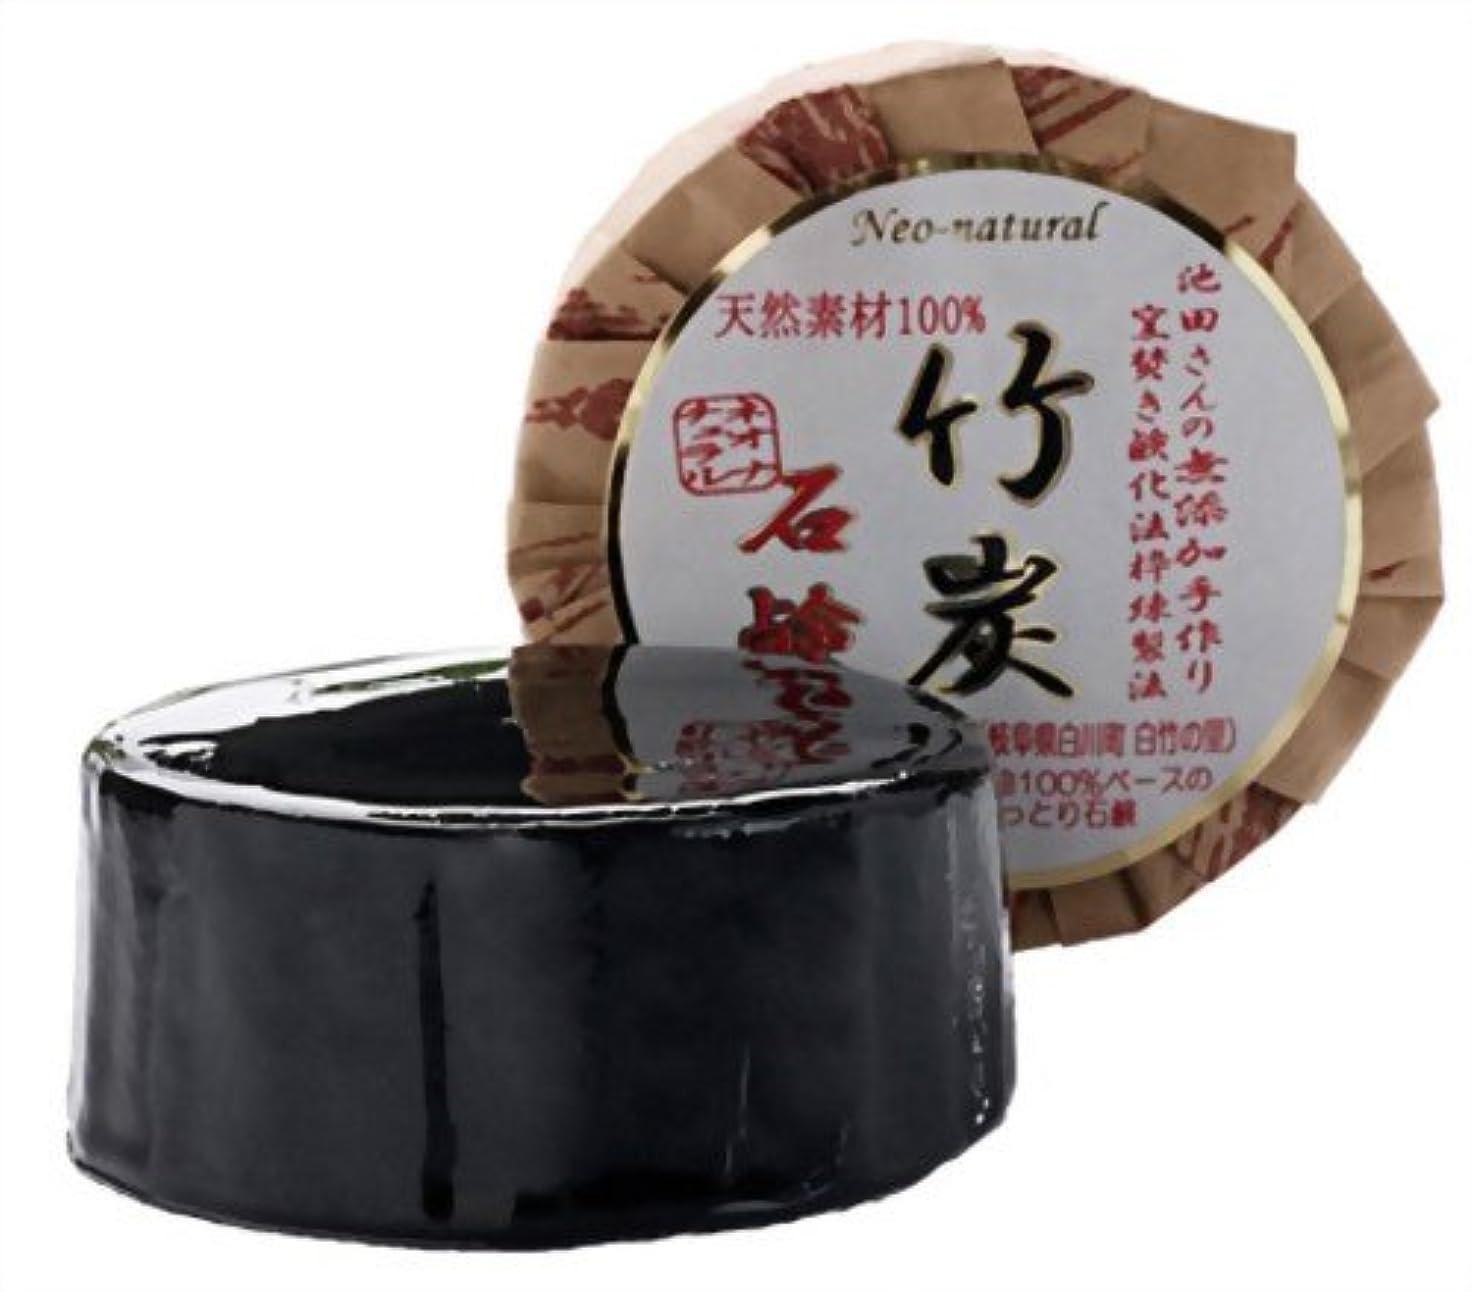 有効化タイヤ接触ネオナチュラル 池田さんの竹炭石鹸 105g